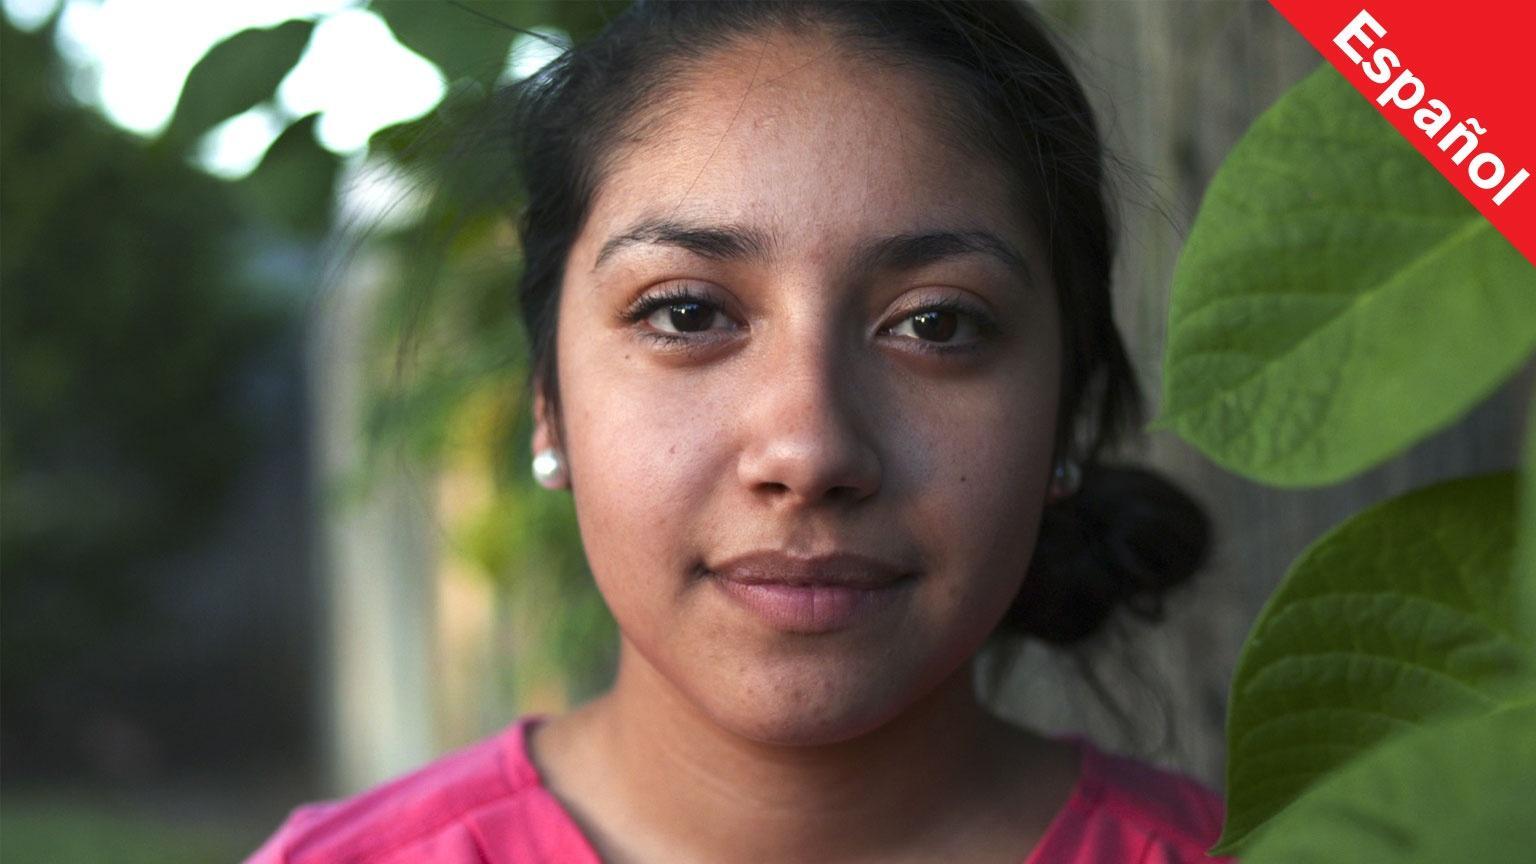 Los Graduados - Las Jóvenes image